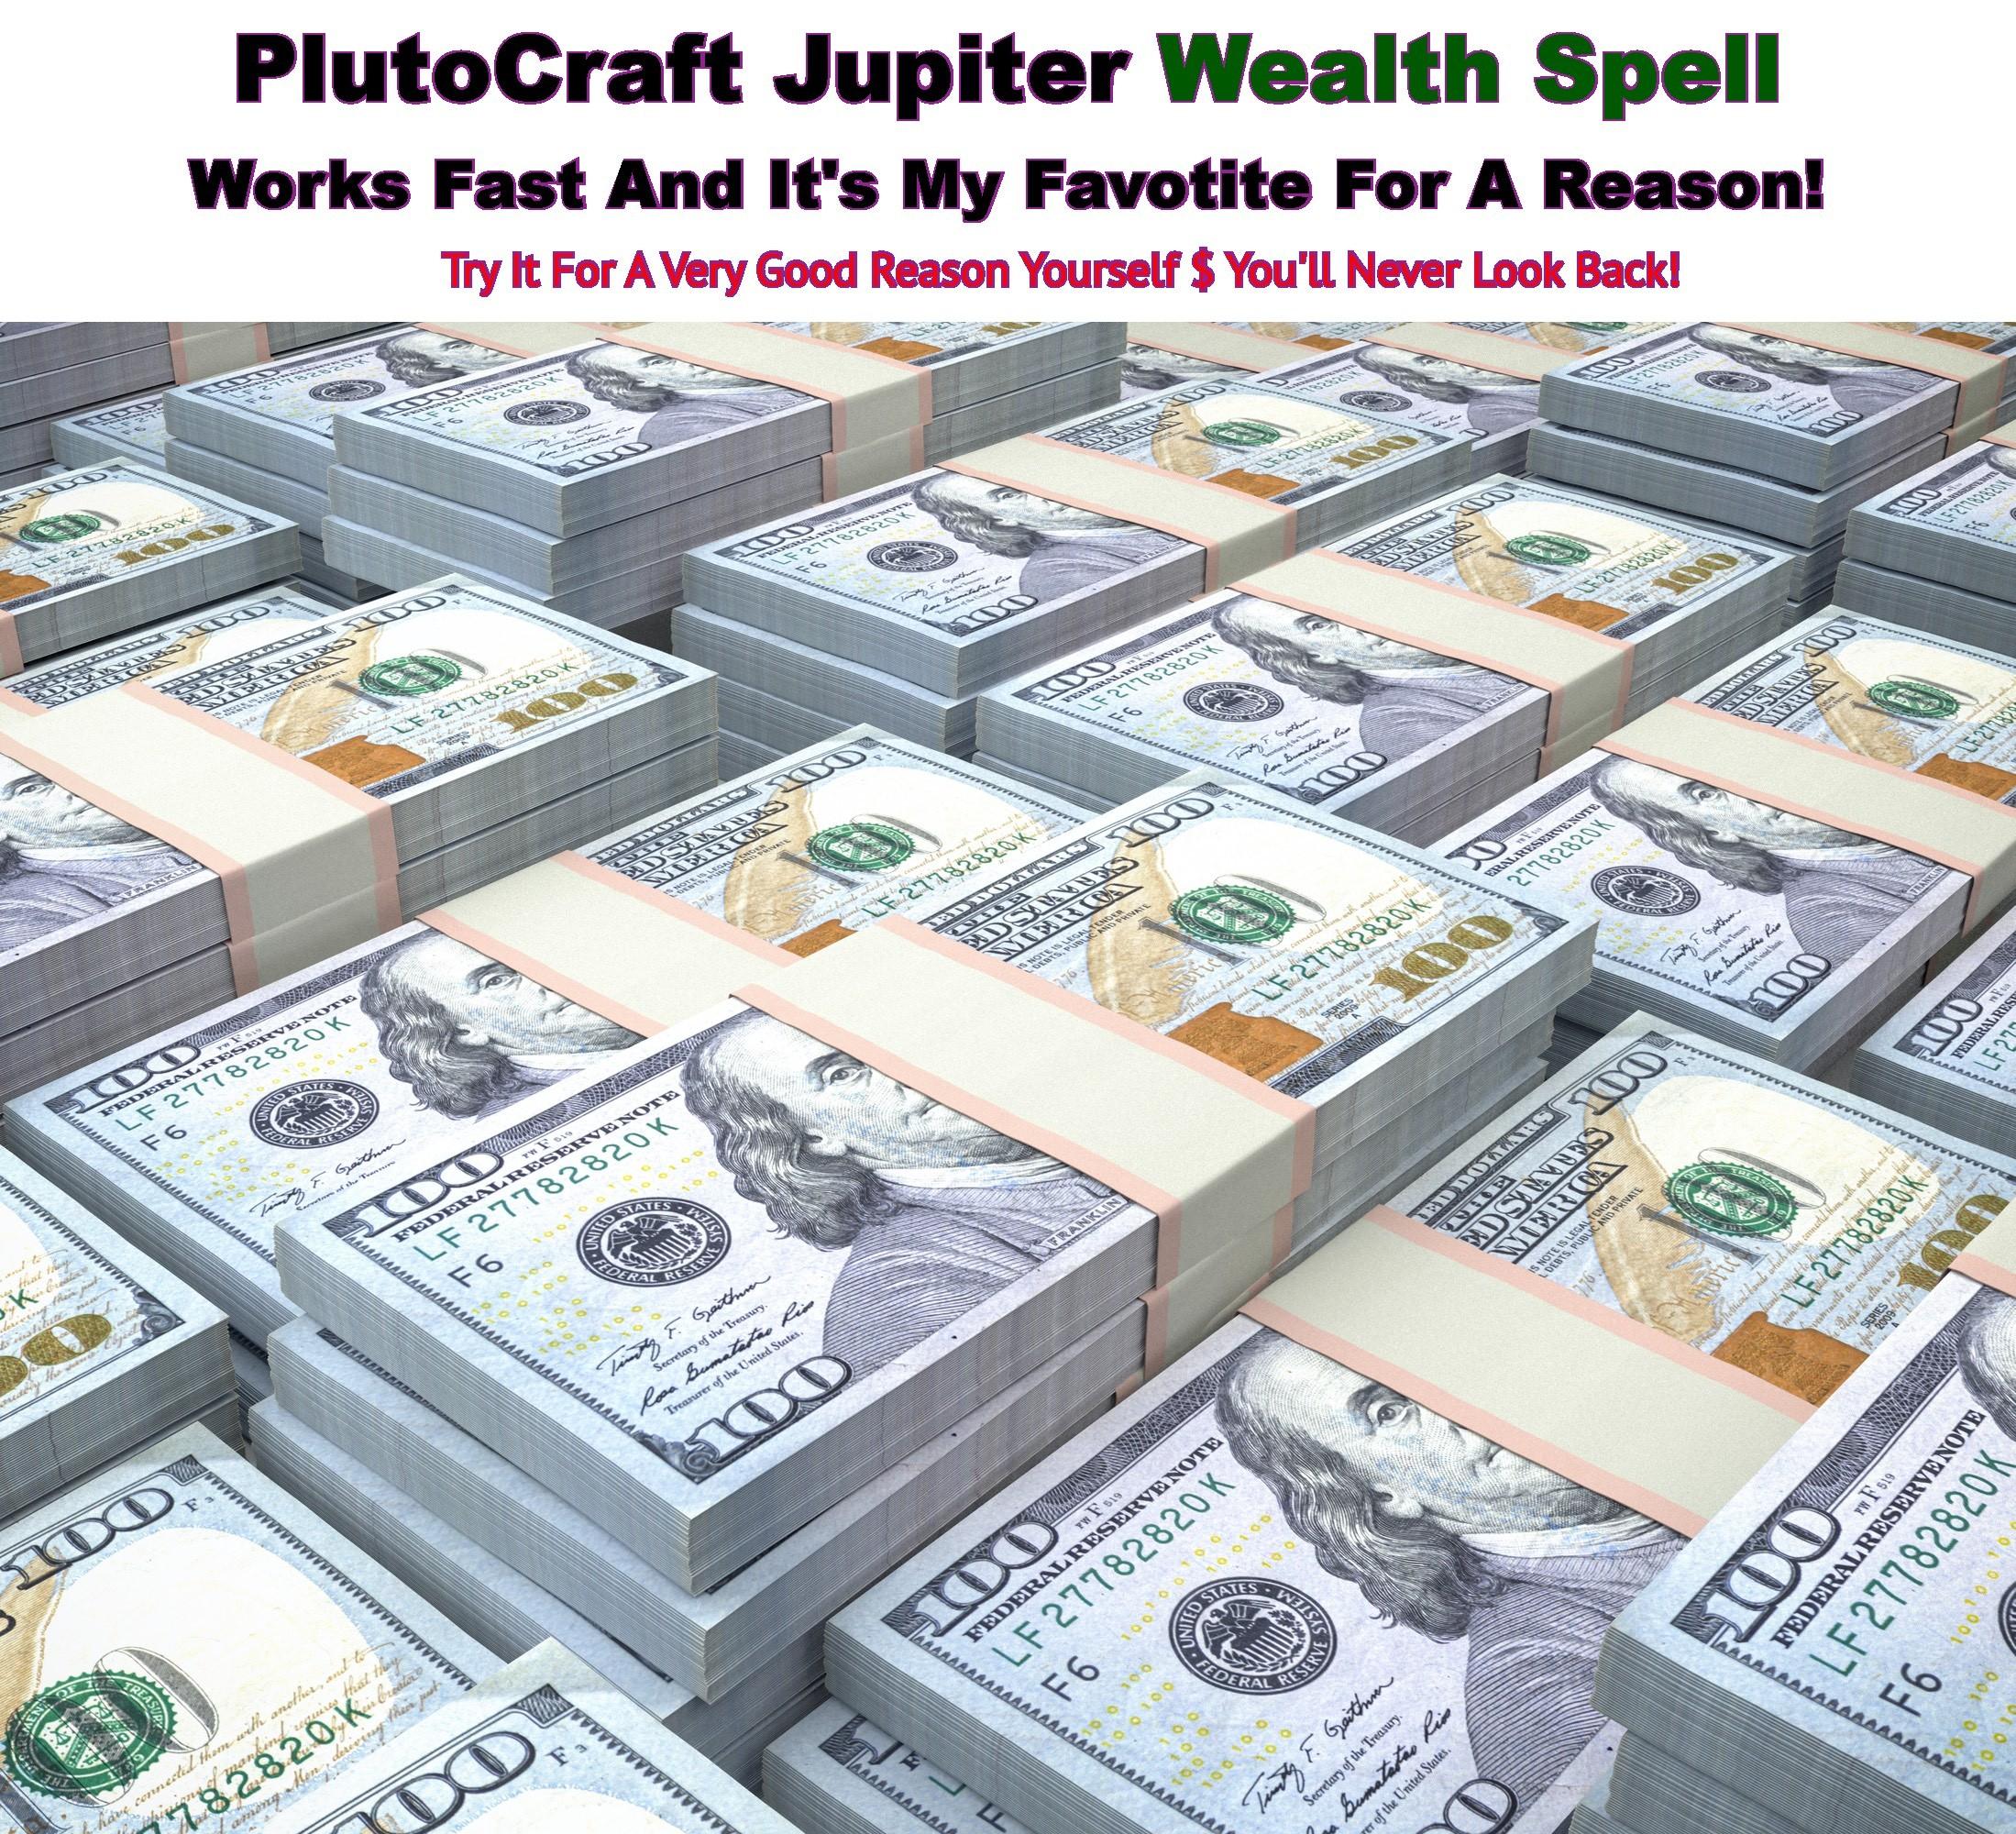 Jupiter Wealth Spell